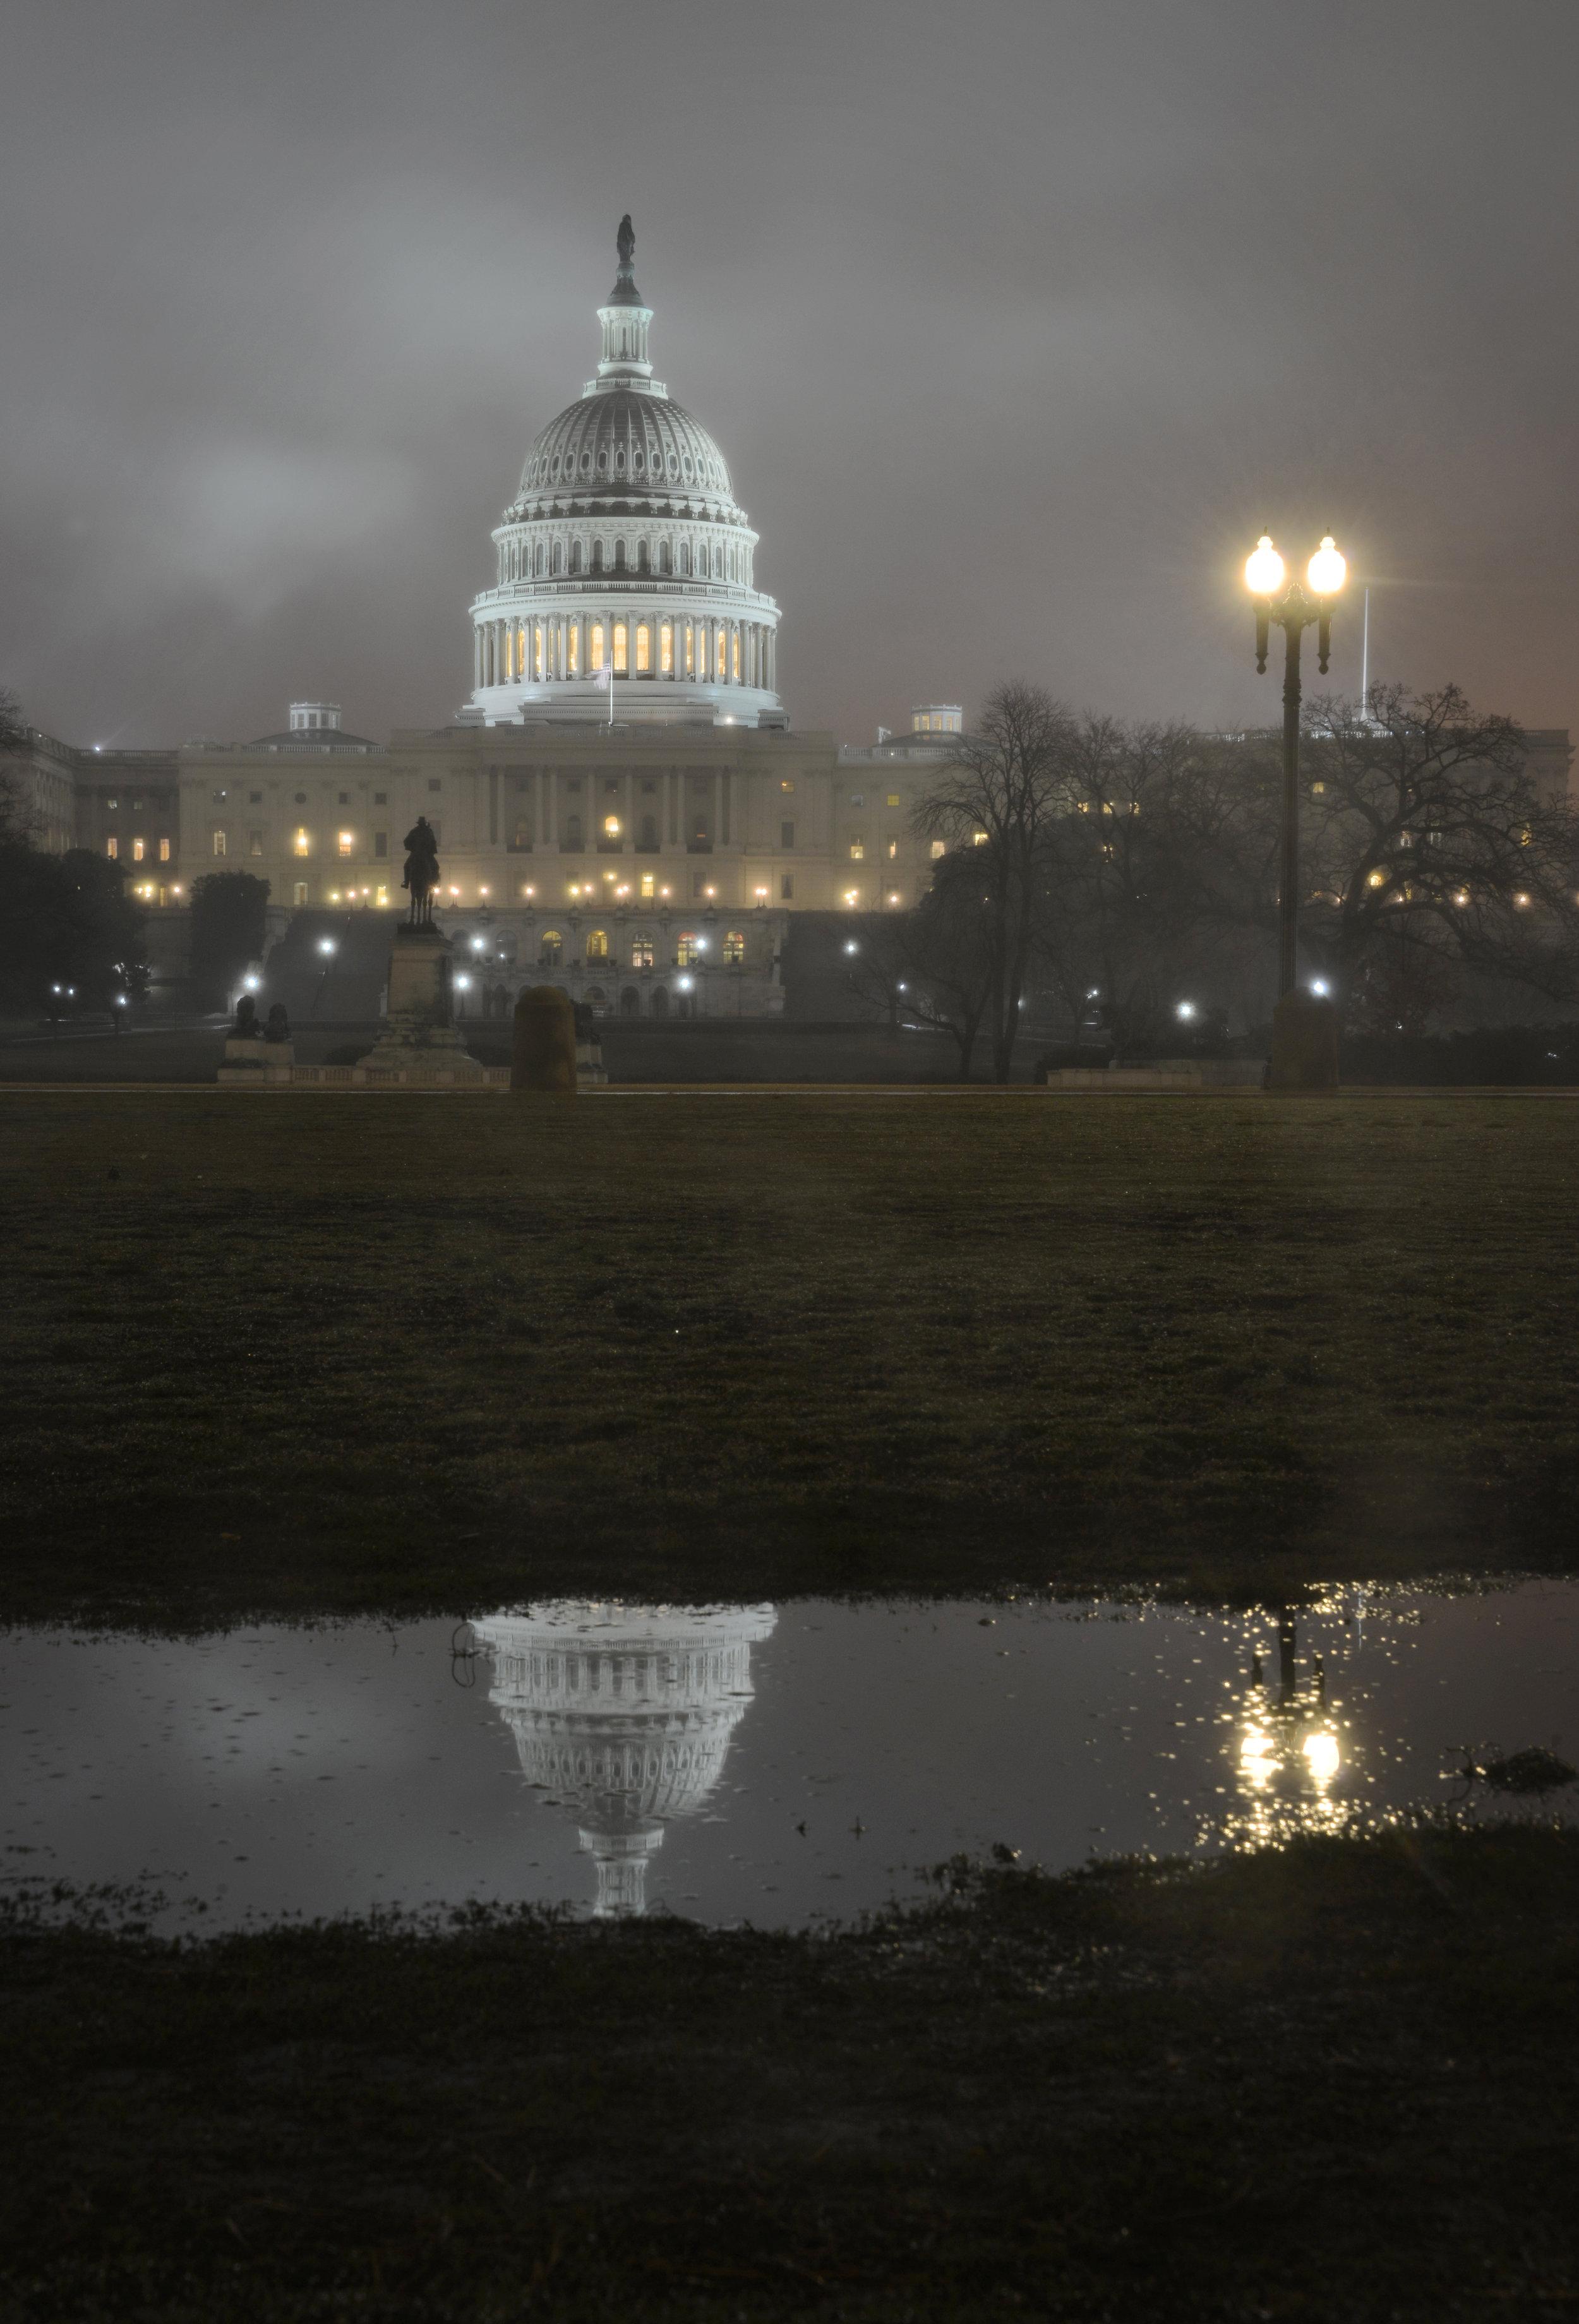 Washington D.C. I